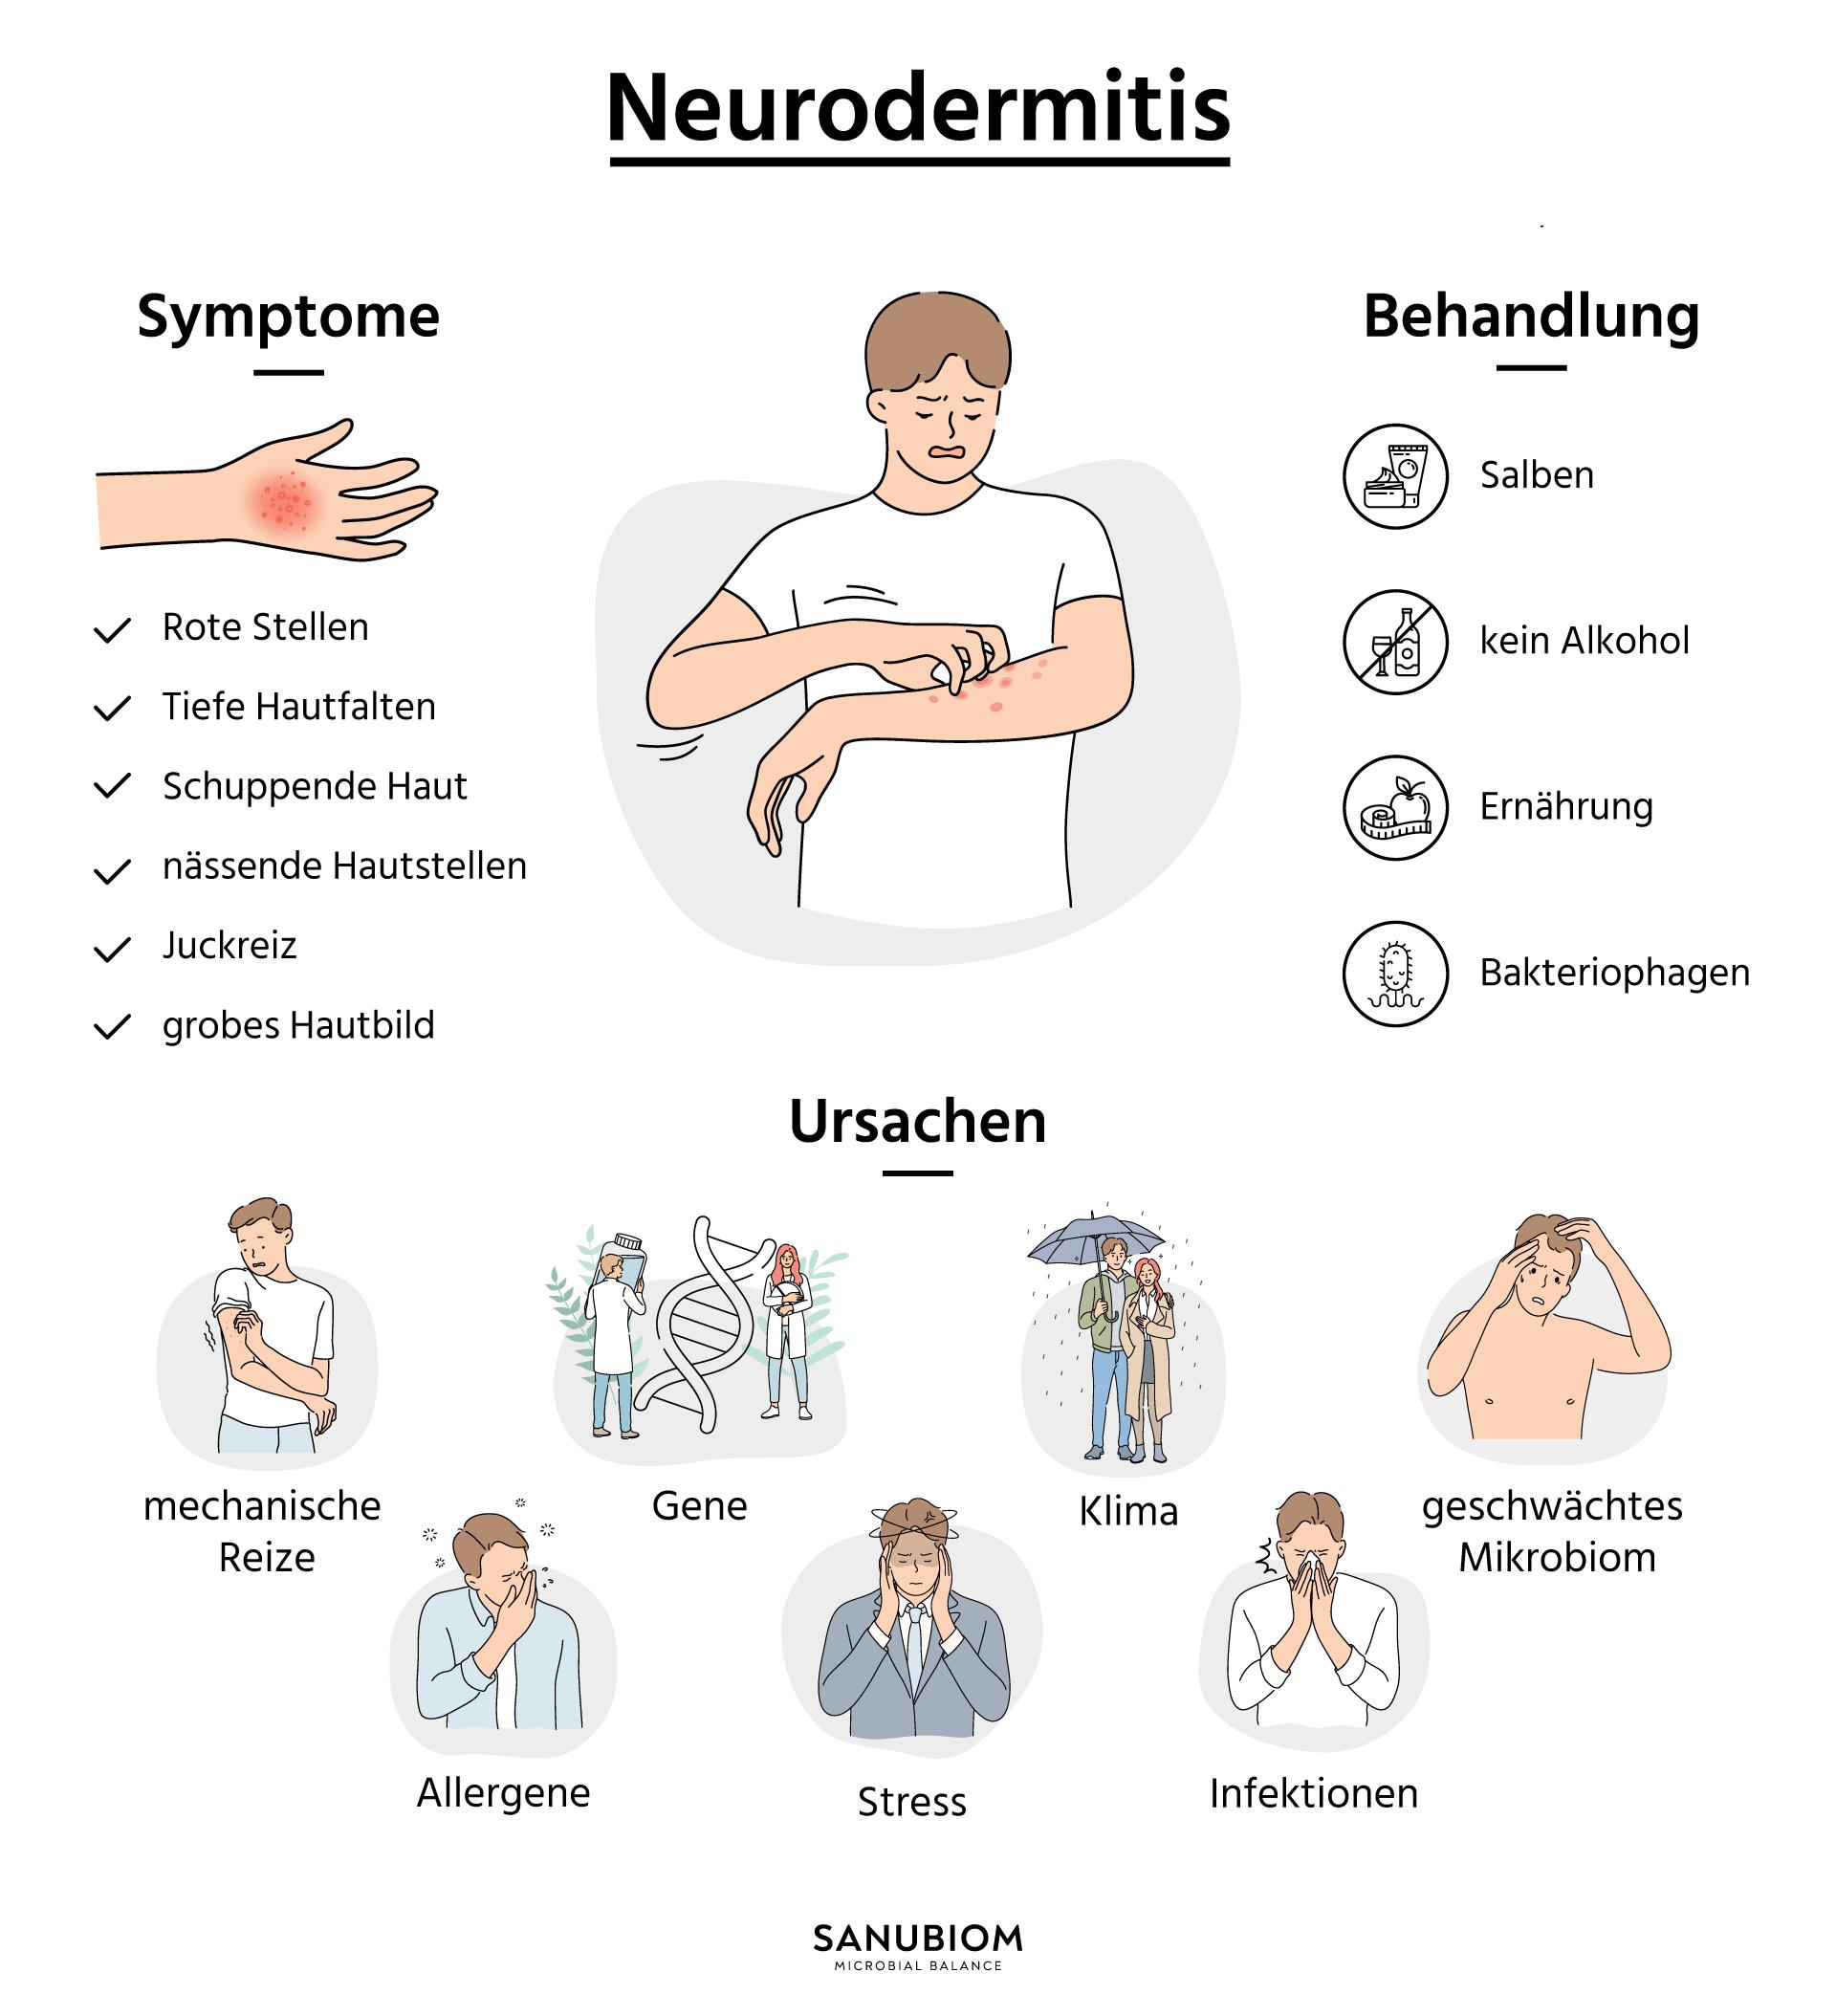 Leitsymptome bei Neurodermitis treten bei Betroffenen verschiedener Altersgruppen in vergleichbarer Form auf